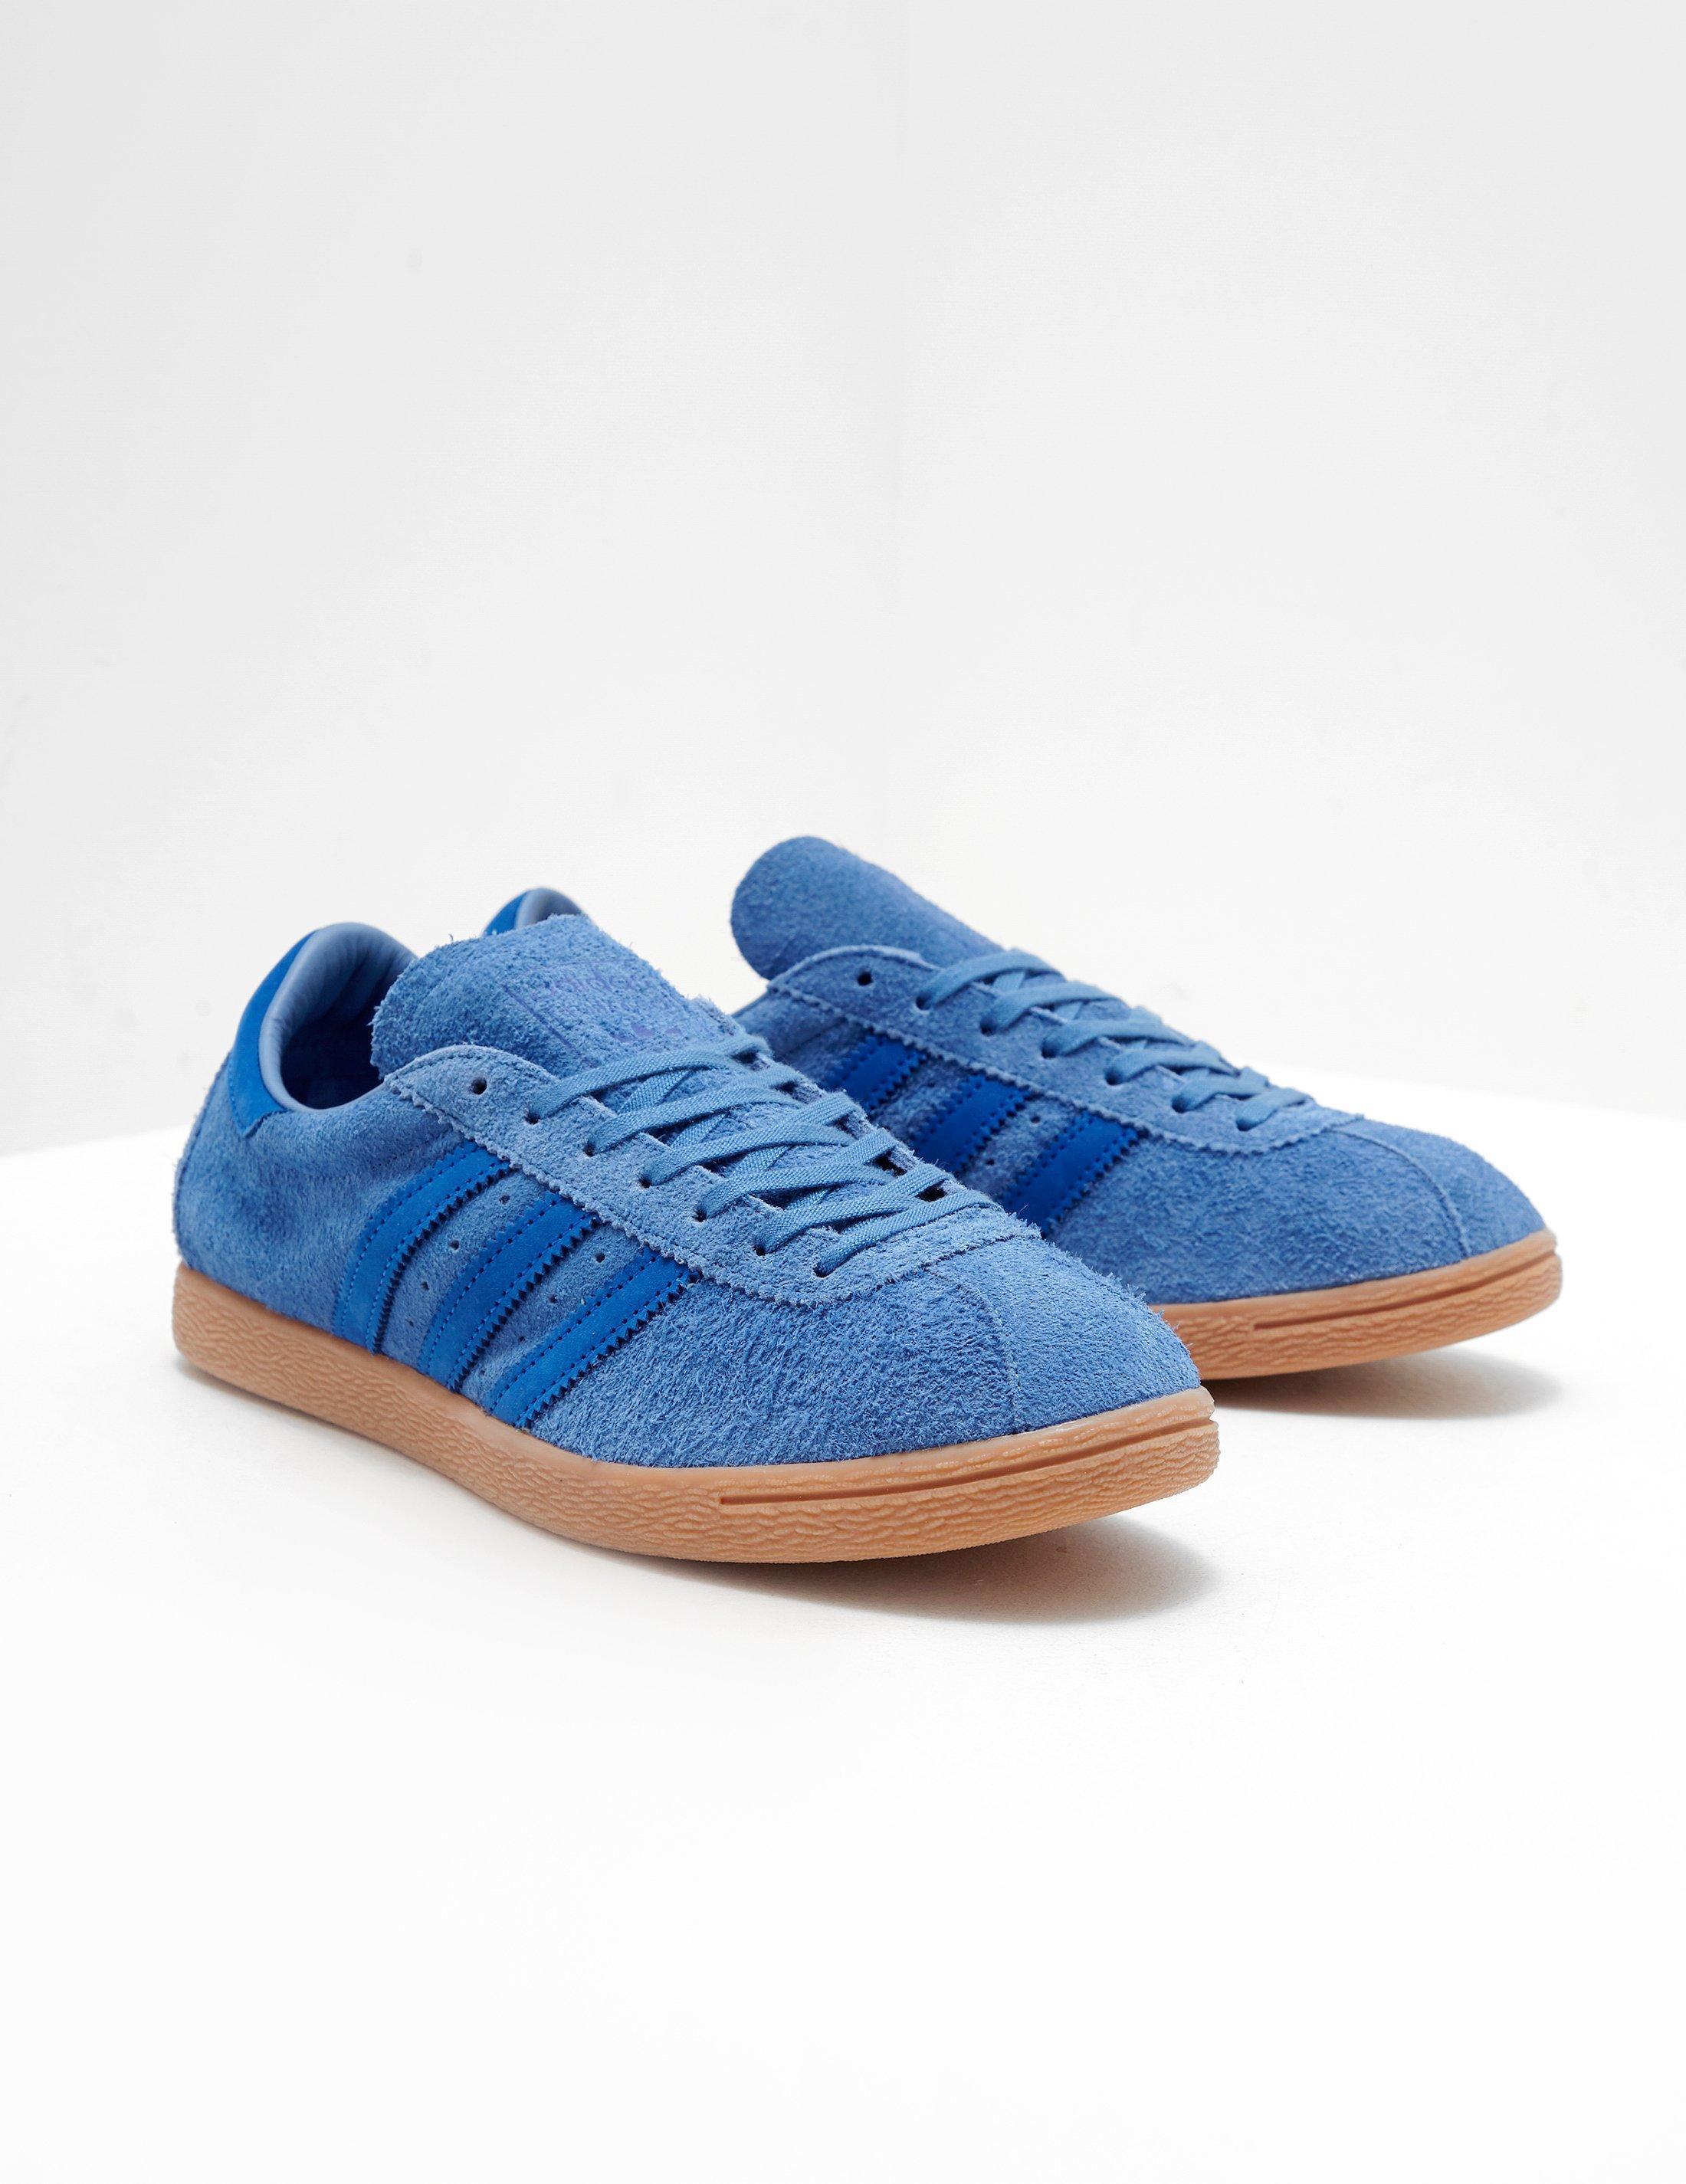 22aca1d35a932f Lyst - adidas Originals Mens Tobacco Blue in Blue for Men